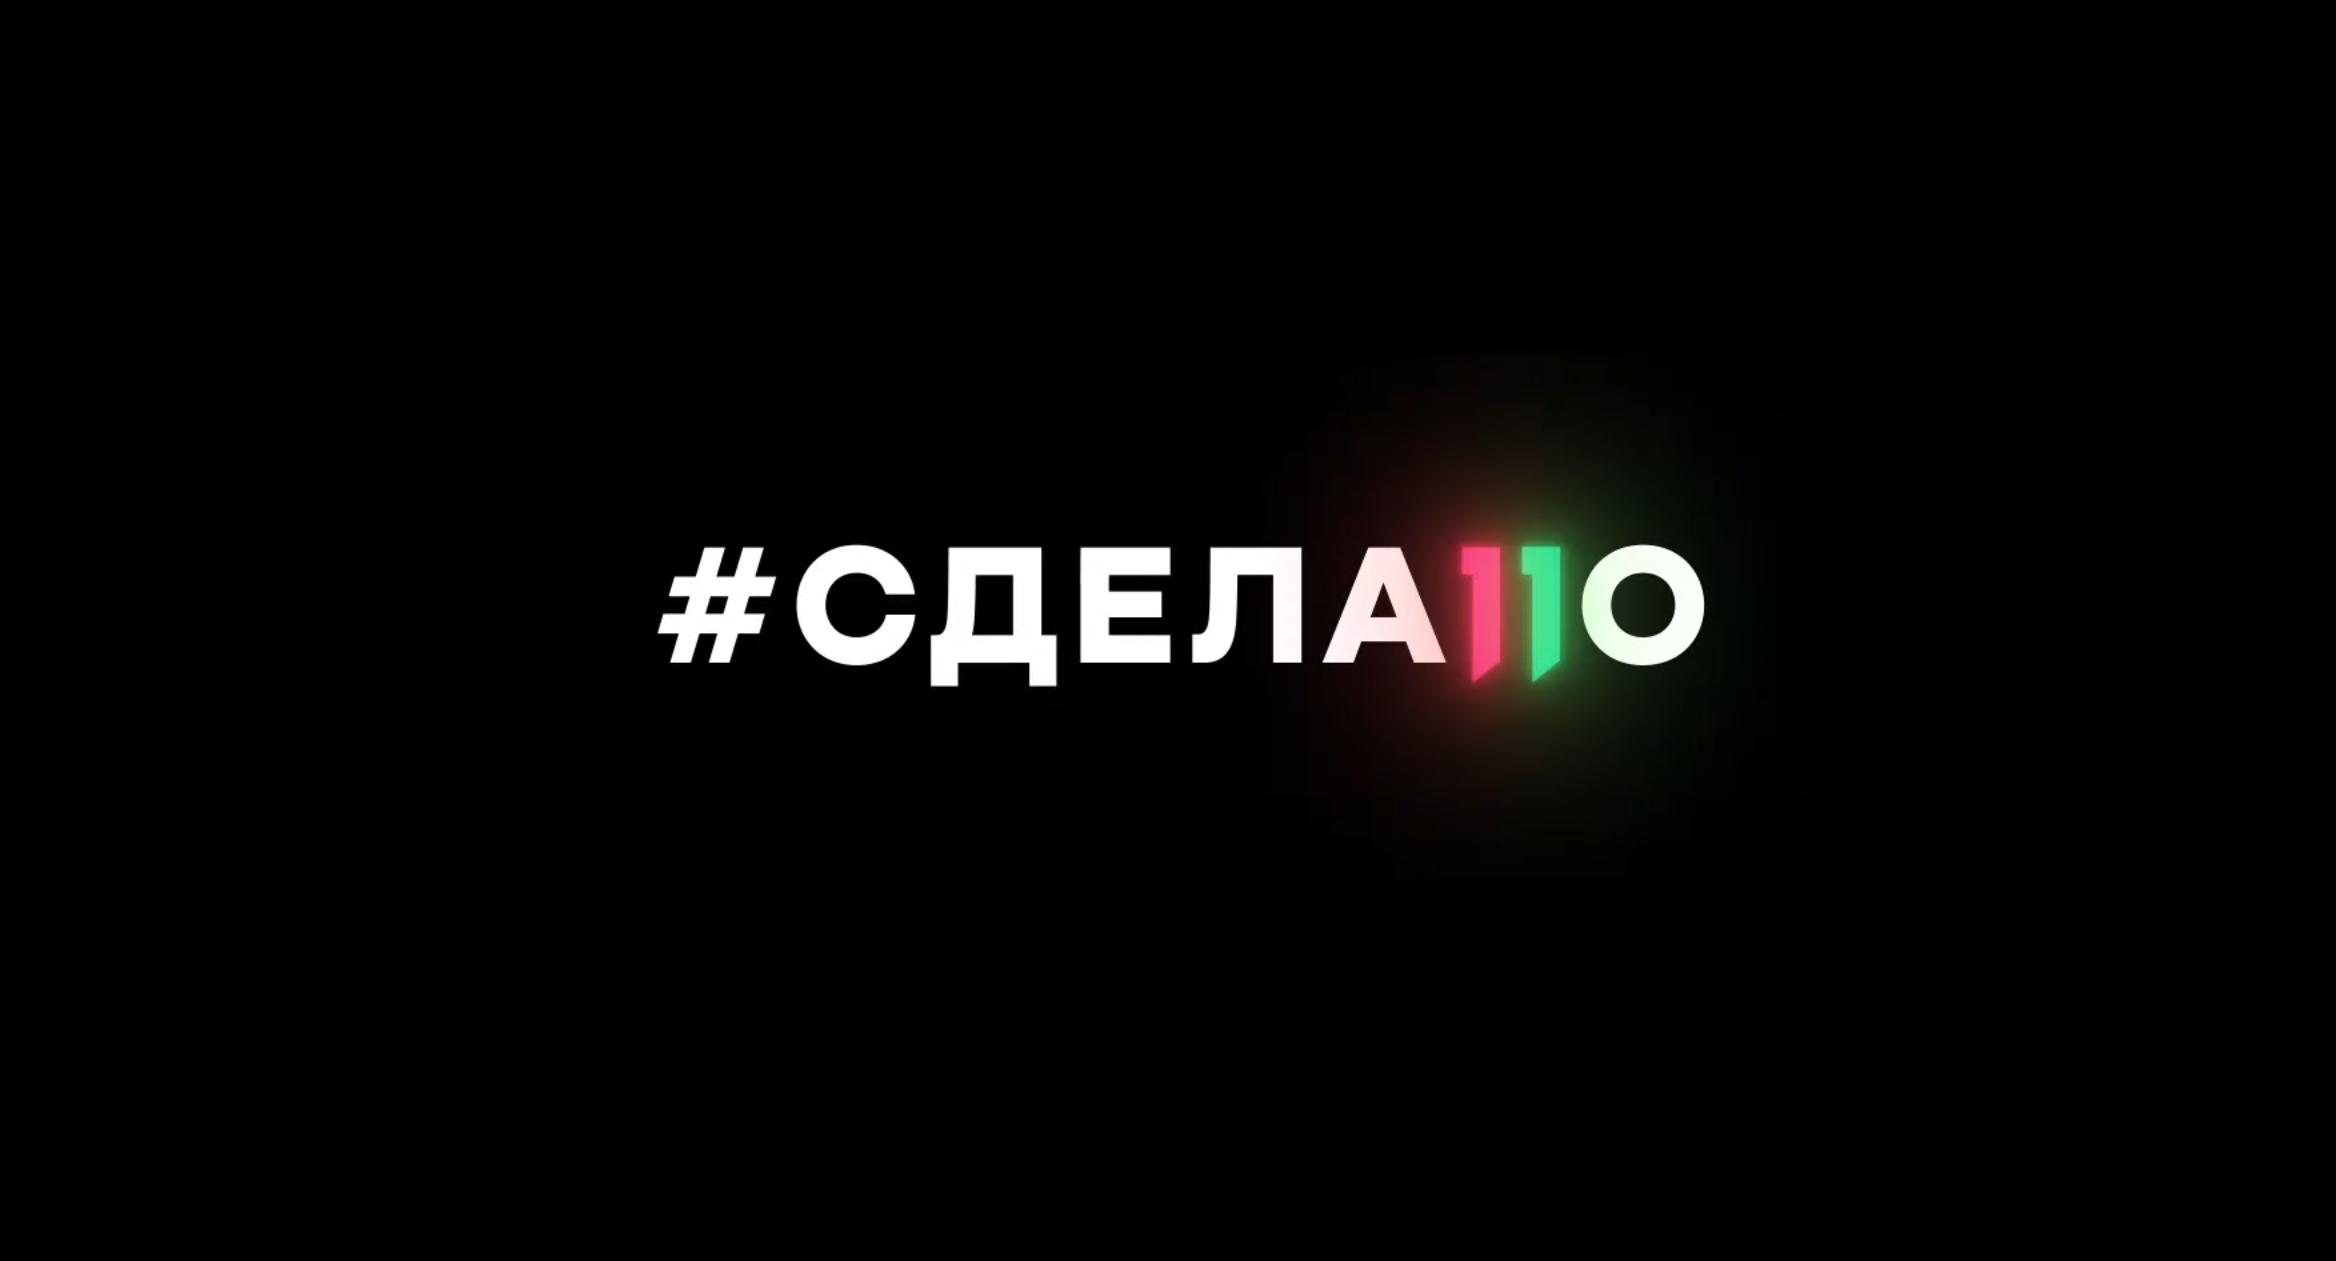 «Локомотив» – обладатель Кубка страны! #СДЕЛА11О